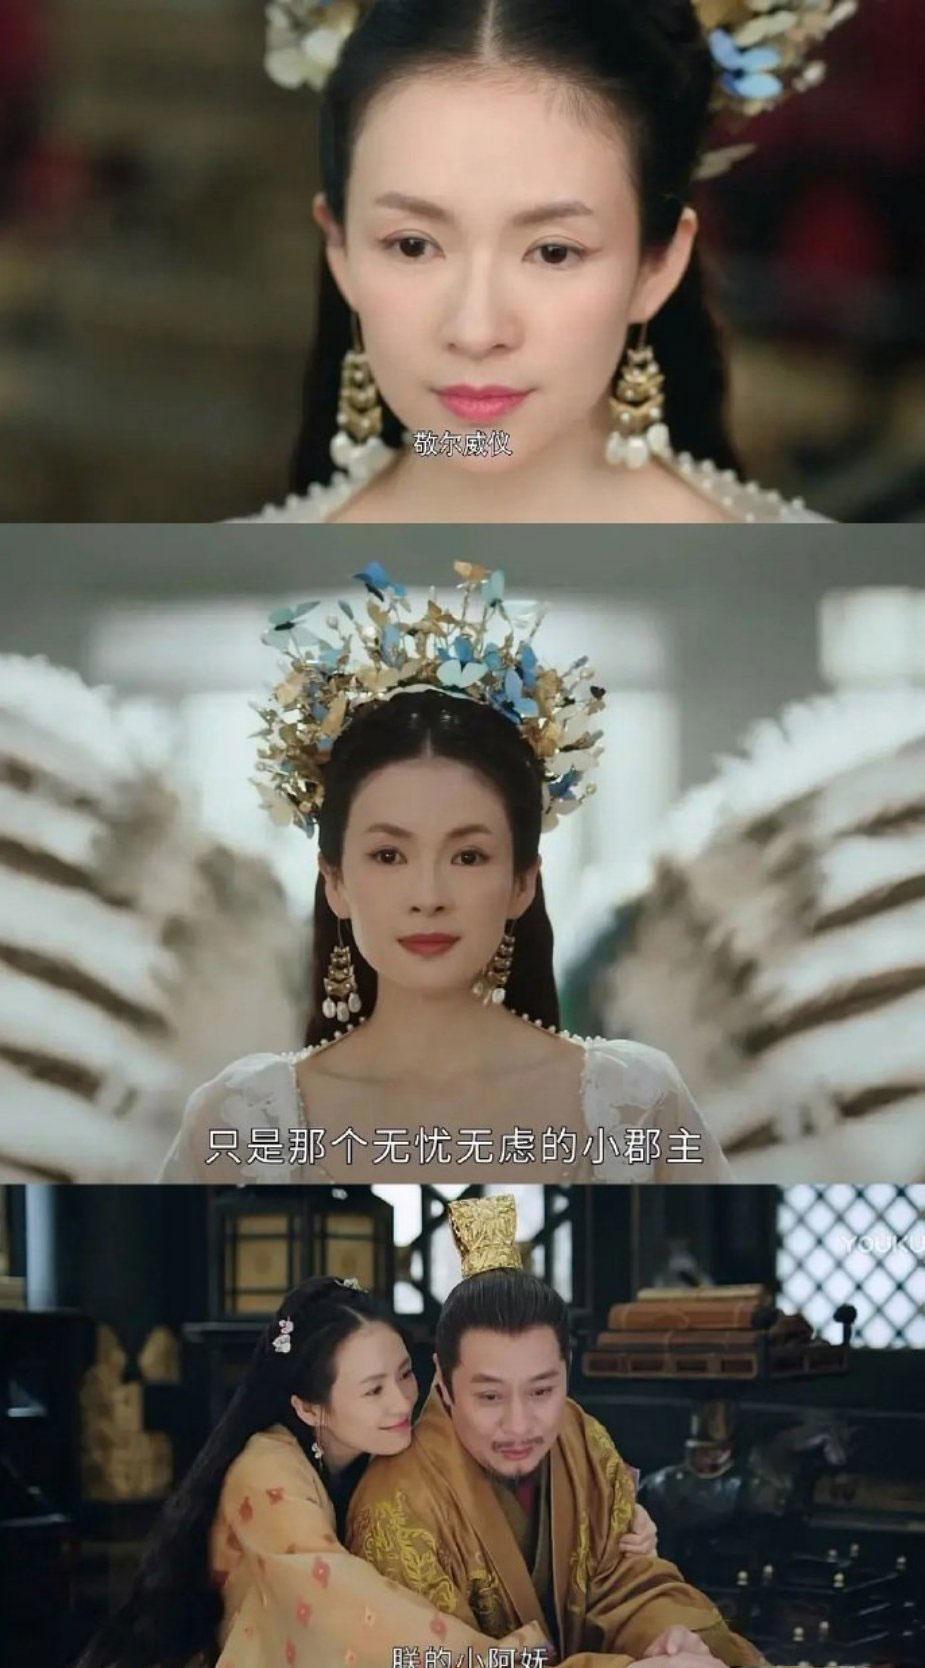 章子怡&周一围#上阳赋开分,上演魔幻家庭年龄差,演技可否弥补